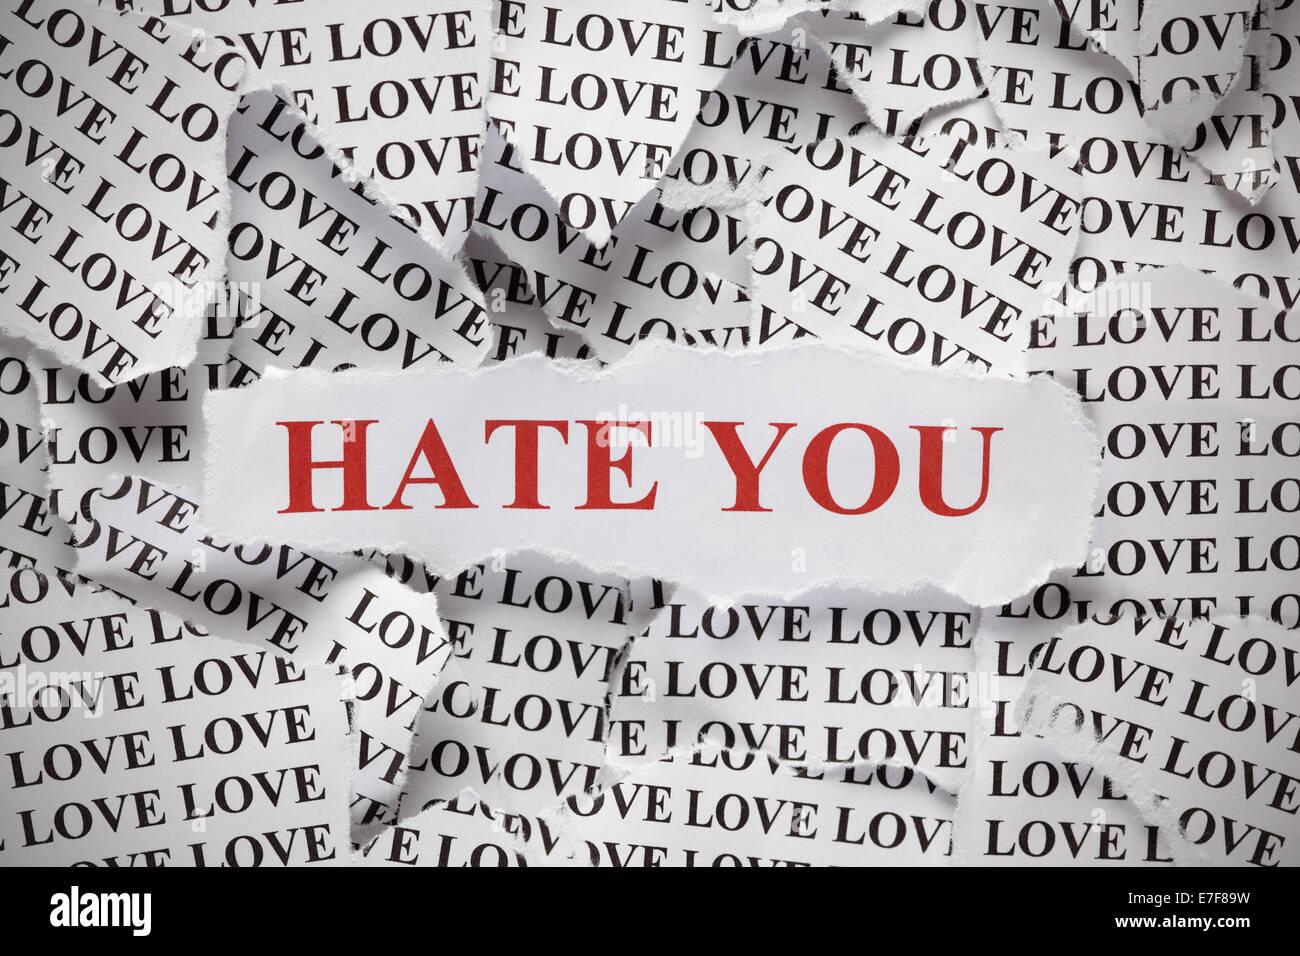 Te Odio Los Pedazos De Papel Con La Palabra Amor Y La